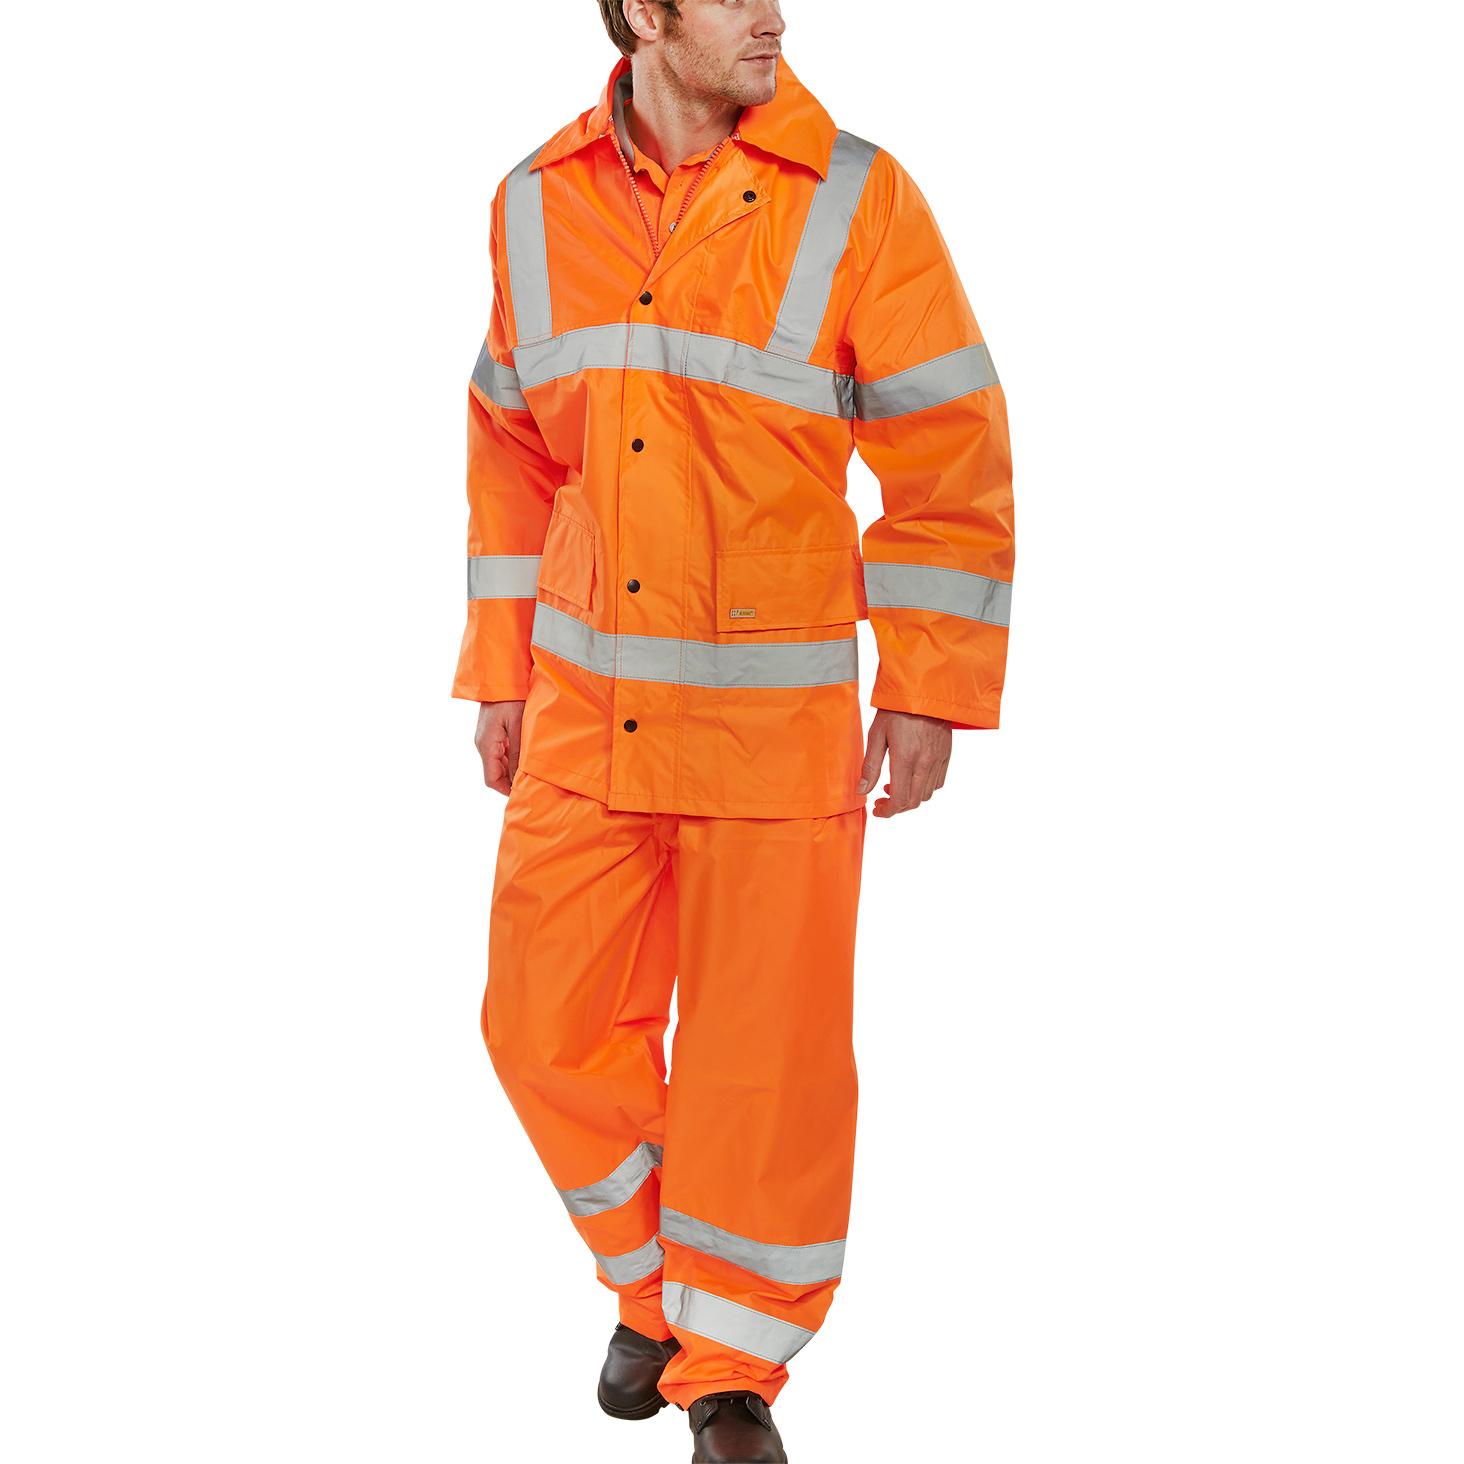 BSeen Hi-Vis L/Wt Suit Jkt/Trs EN ISO 20471 EN 343 Small Orange Ref TS8ORS Up to 3 Day Leadtime